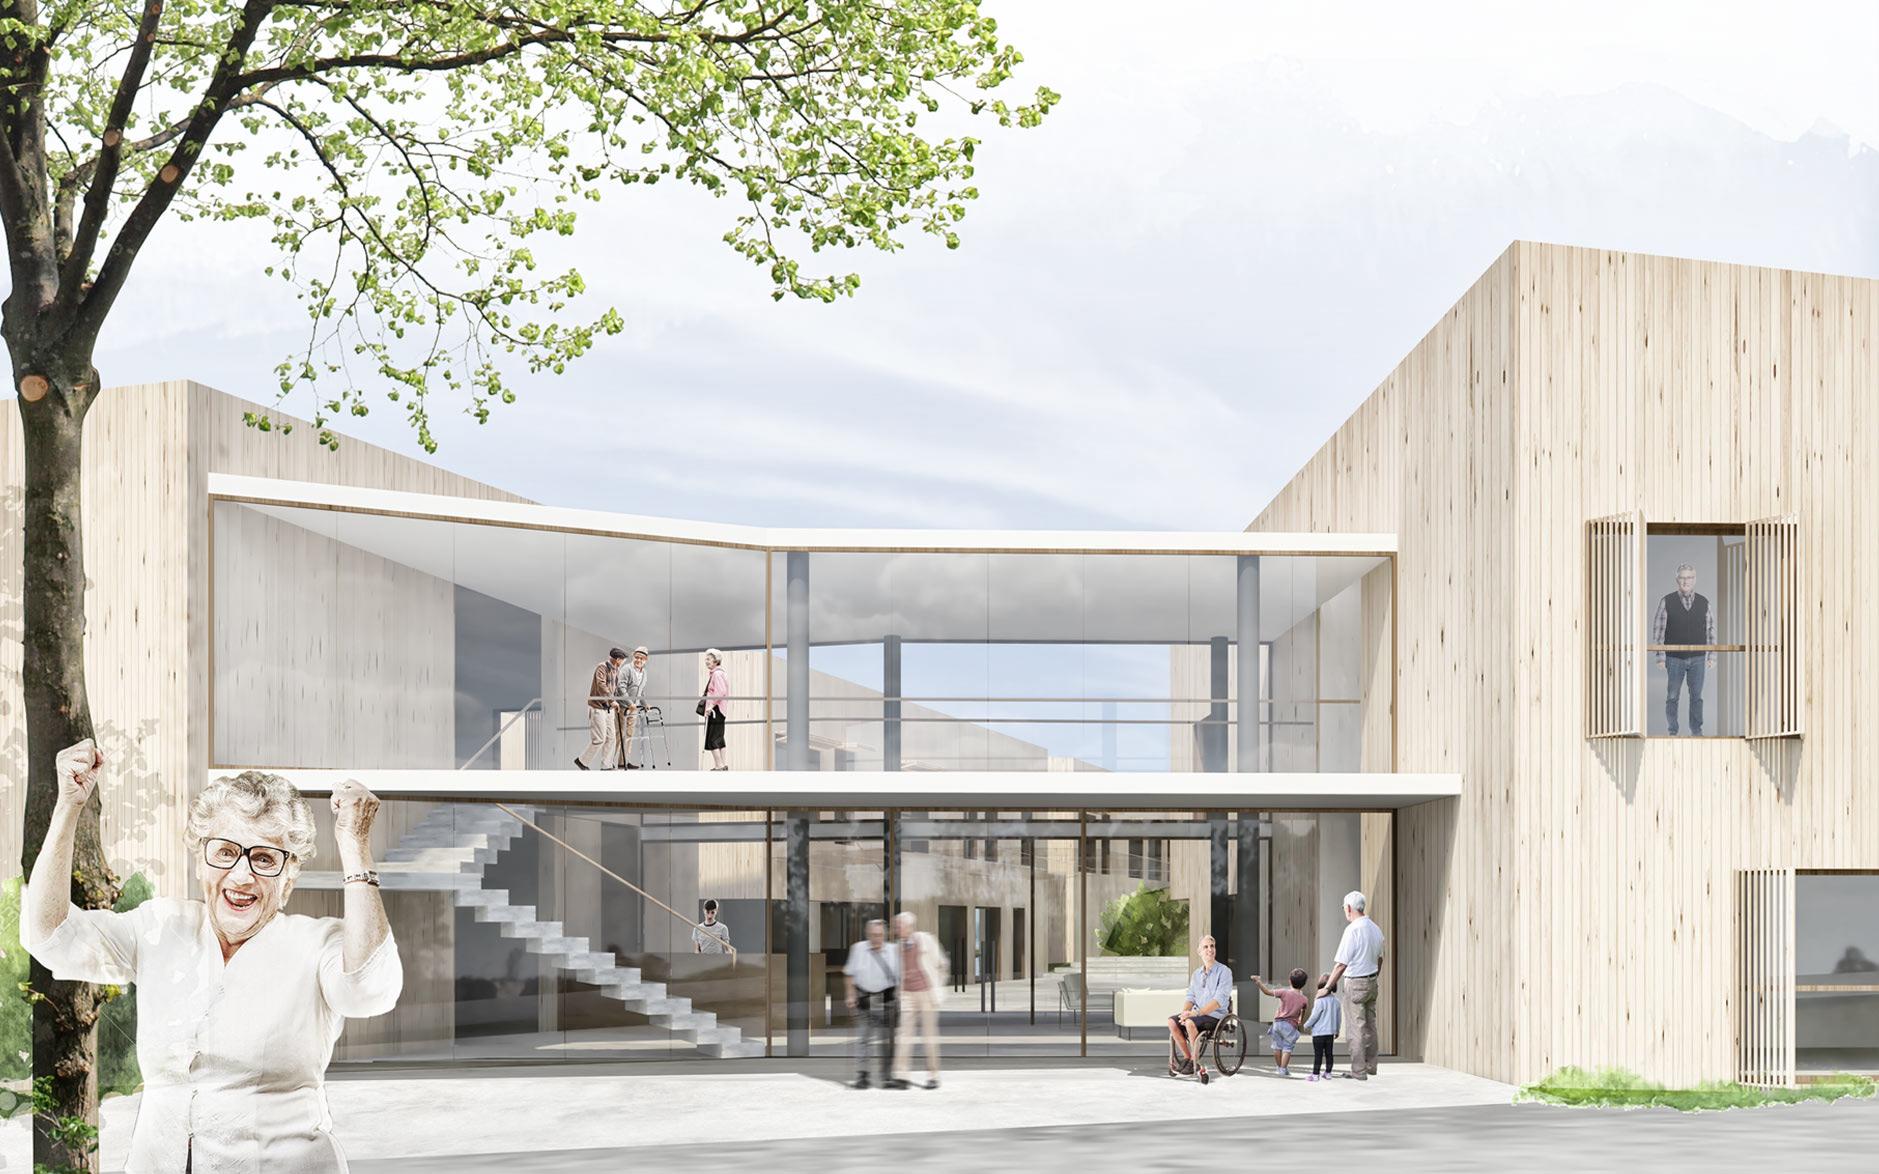 concurso centro de dia residencia selecionado sostenible nzeb